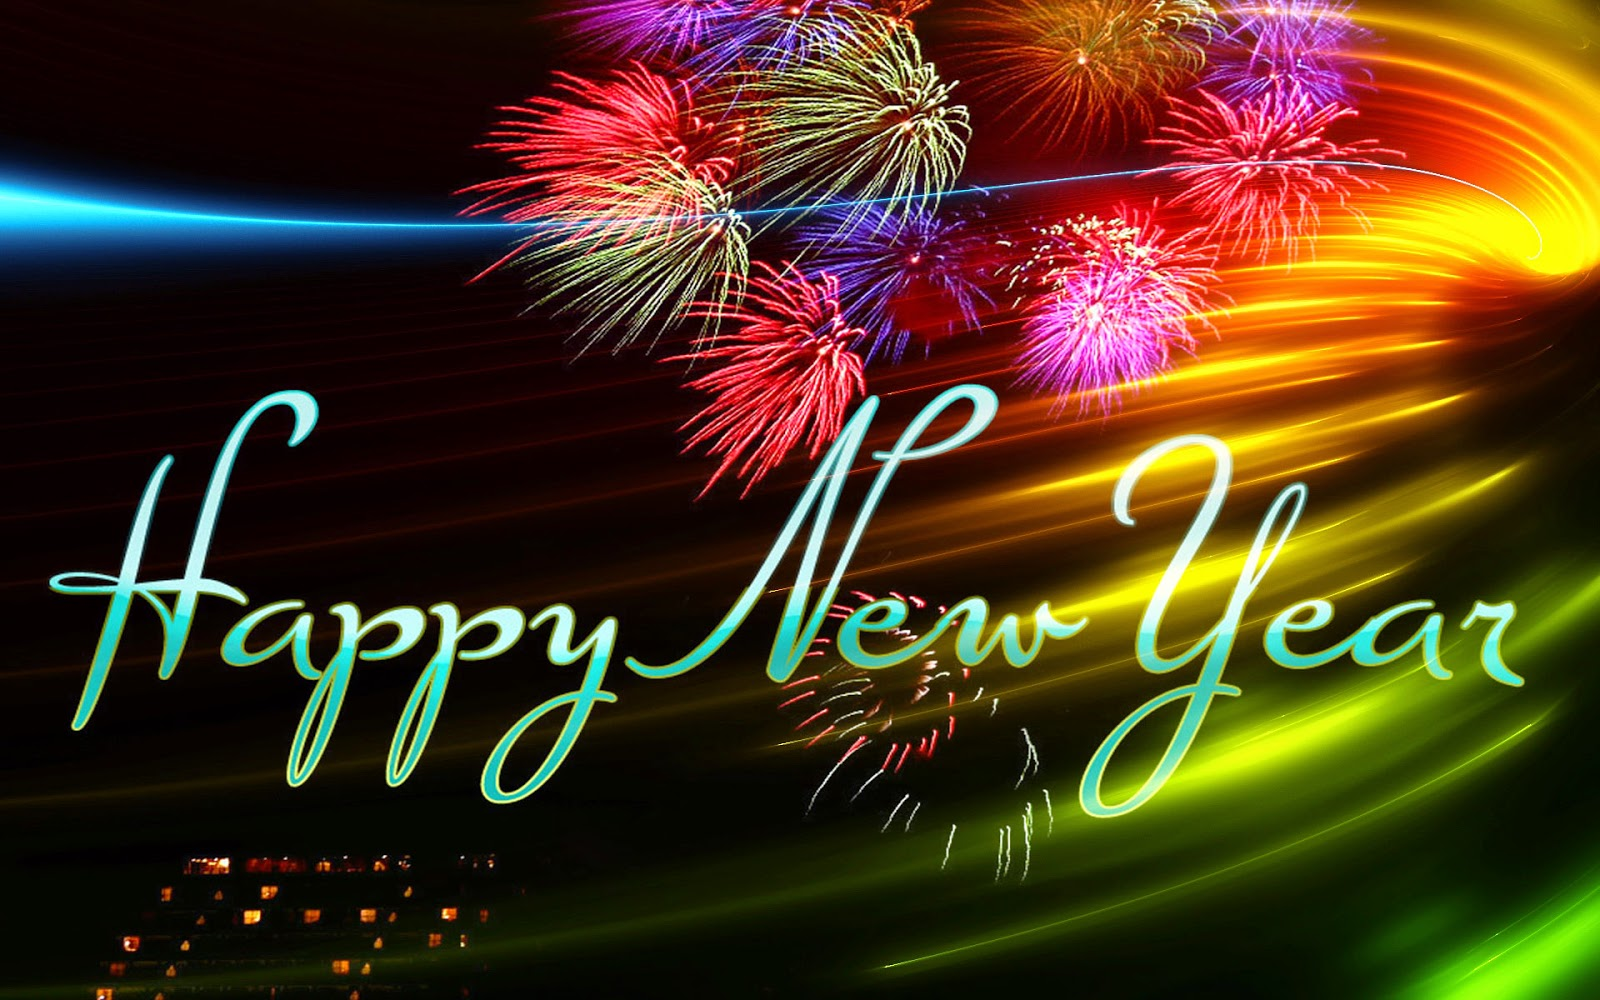 Feliz a o nuevo 2018 imagenes in ingles feliz a o nuevo for Wallpaper ideas 2016